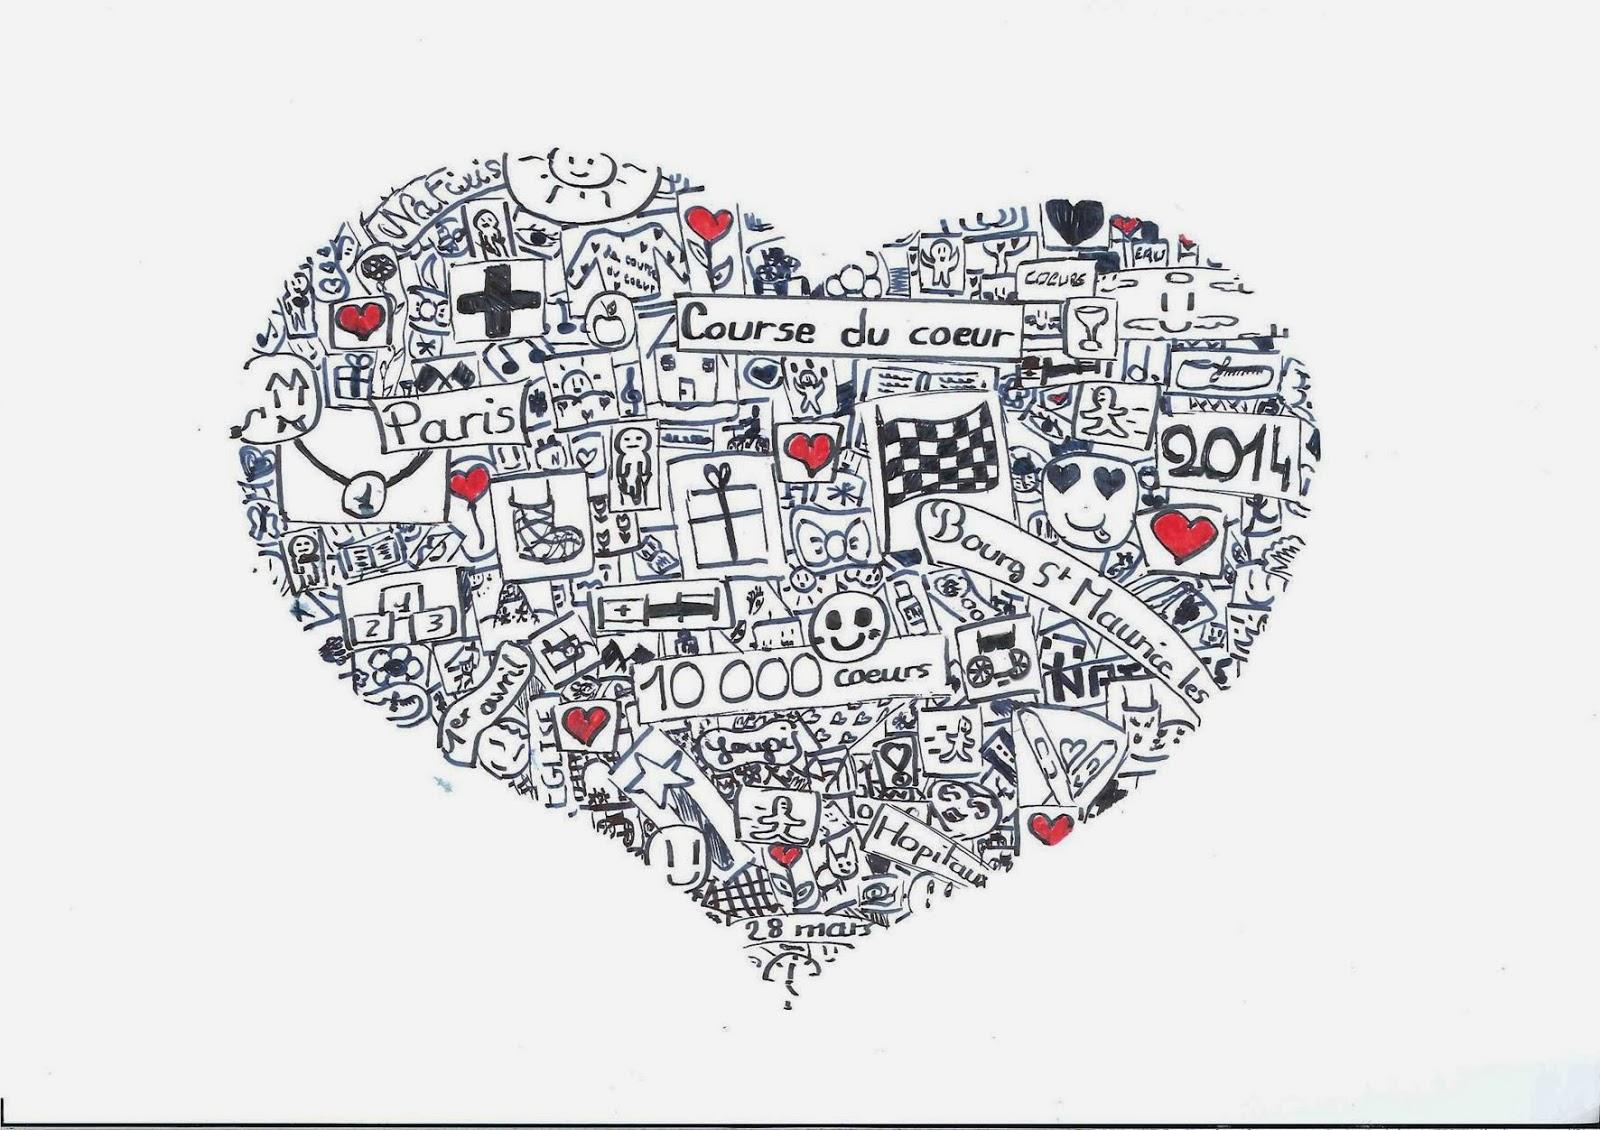 Natixis dans la course du c ur dessiner avec son coeur - Coeur avec des photos ...